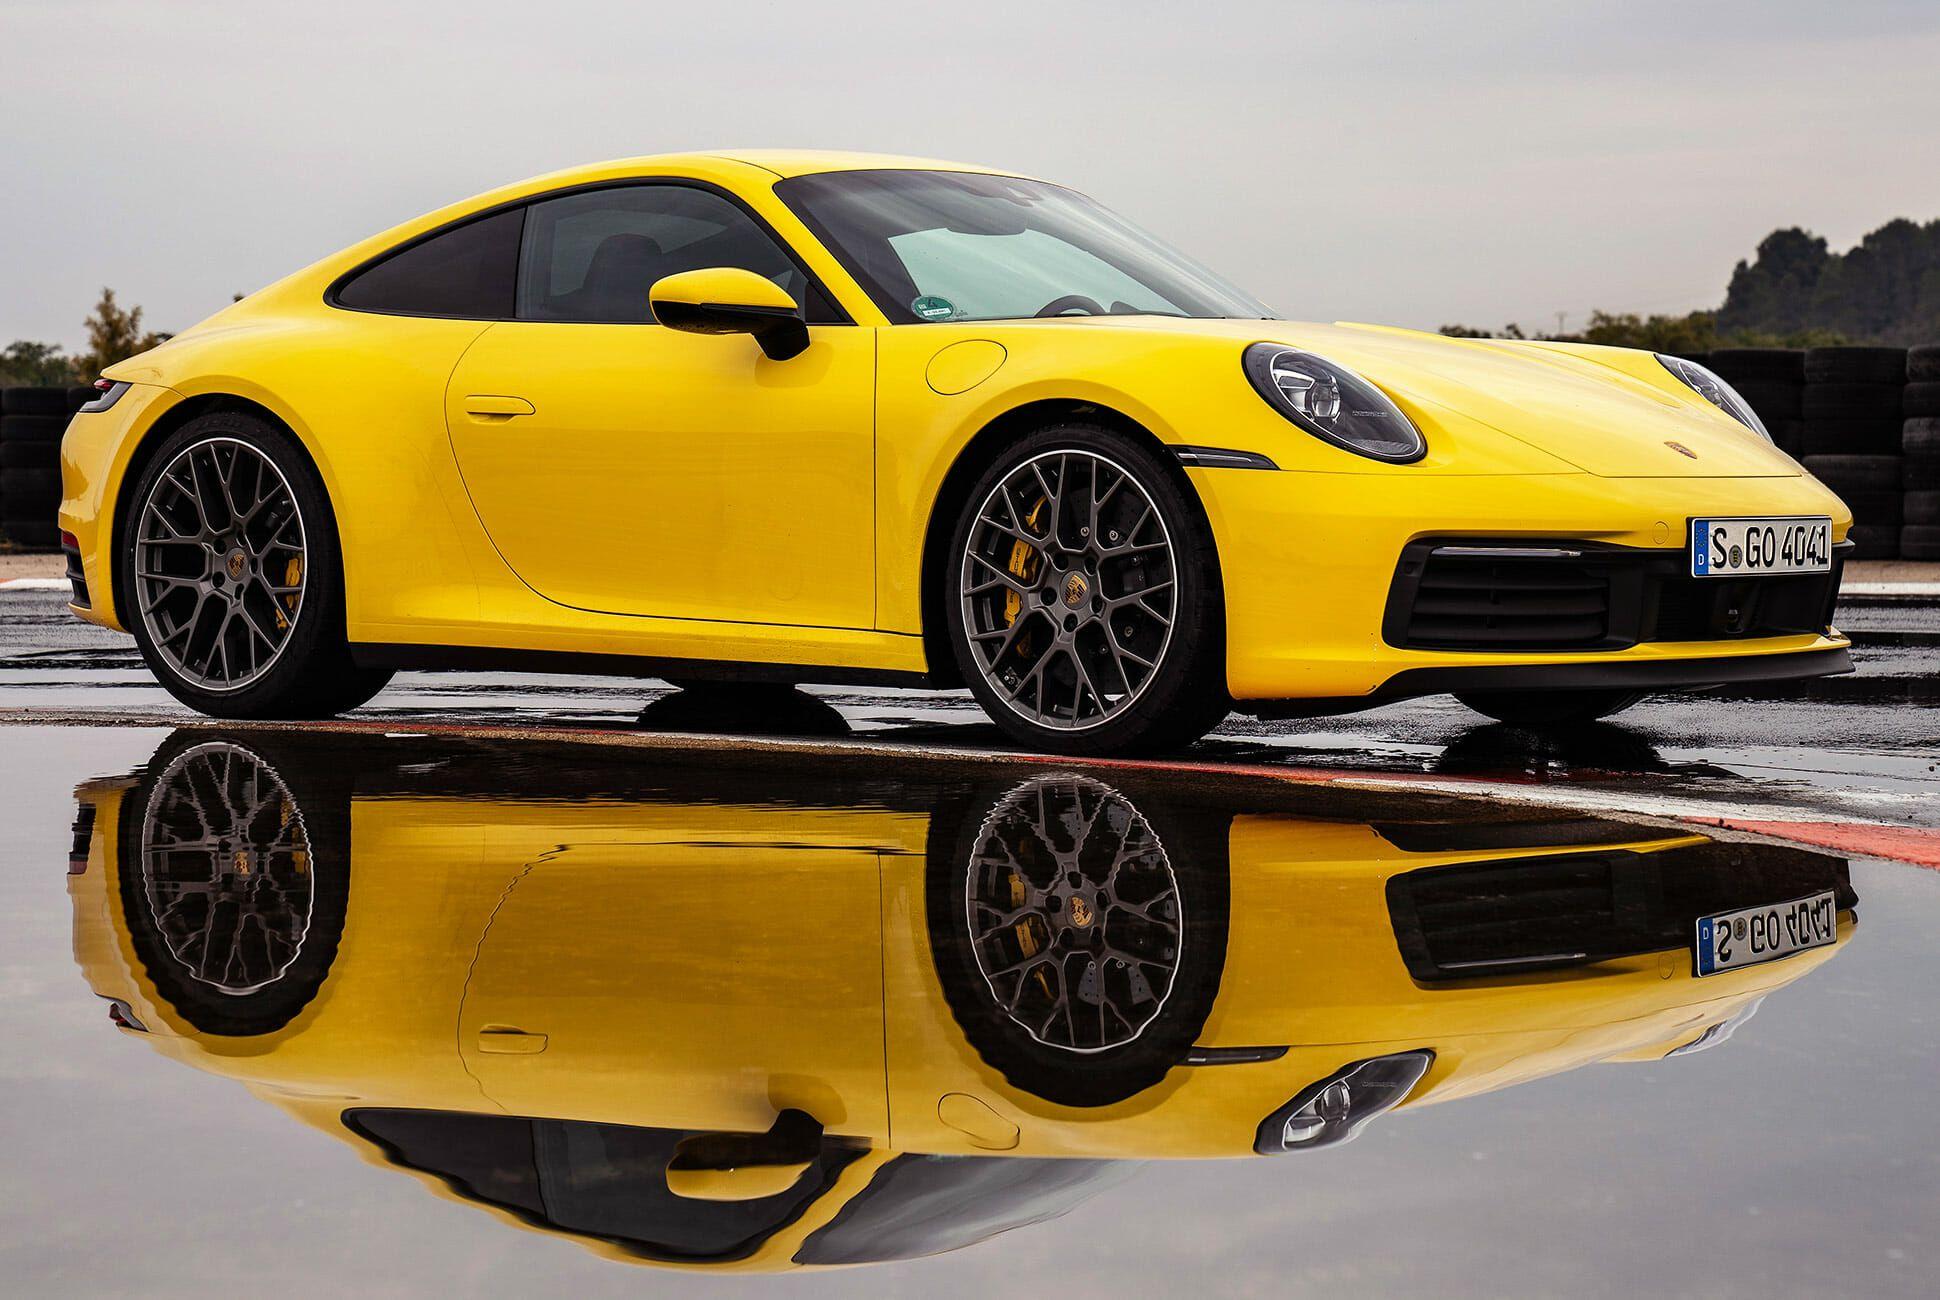 992-Porsche-911-Review-gear-patrol-slide-1